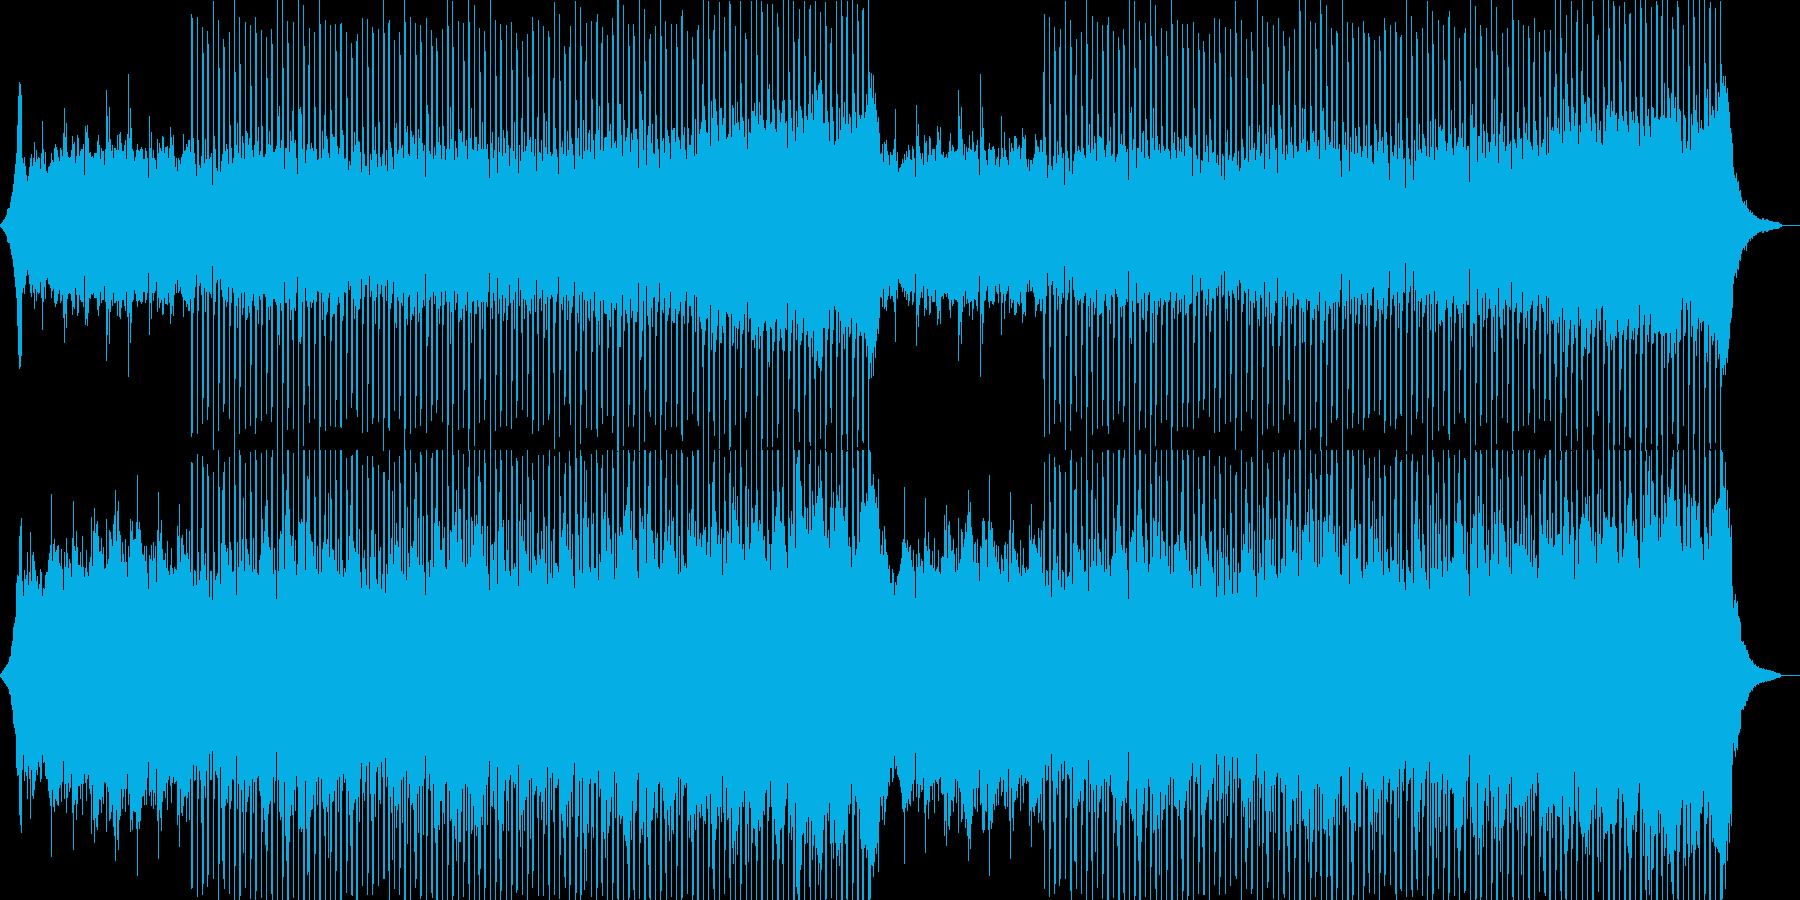 企業VP系31、爽やかギター4つ打ち9aの再生済みの波形